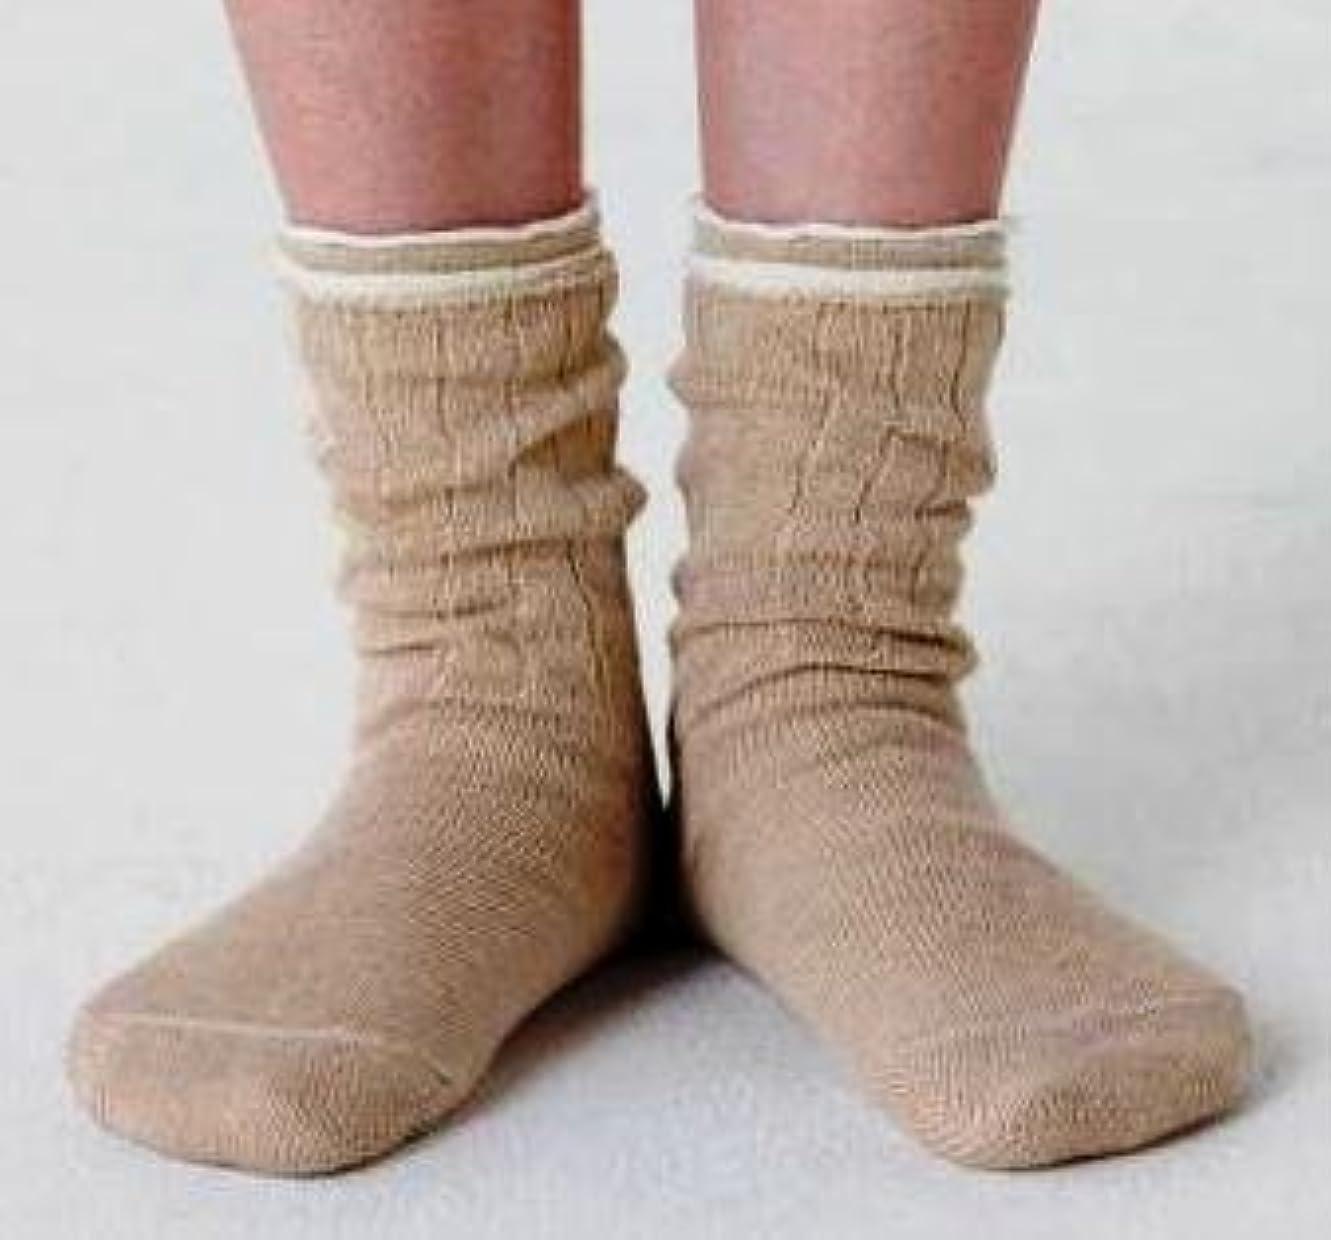 レジ意味する袋冷え取り靴下 4枚重ね履きソックス(絹?綿?絹?綿) サイズ:22~24.5cm